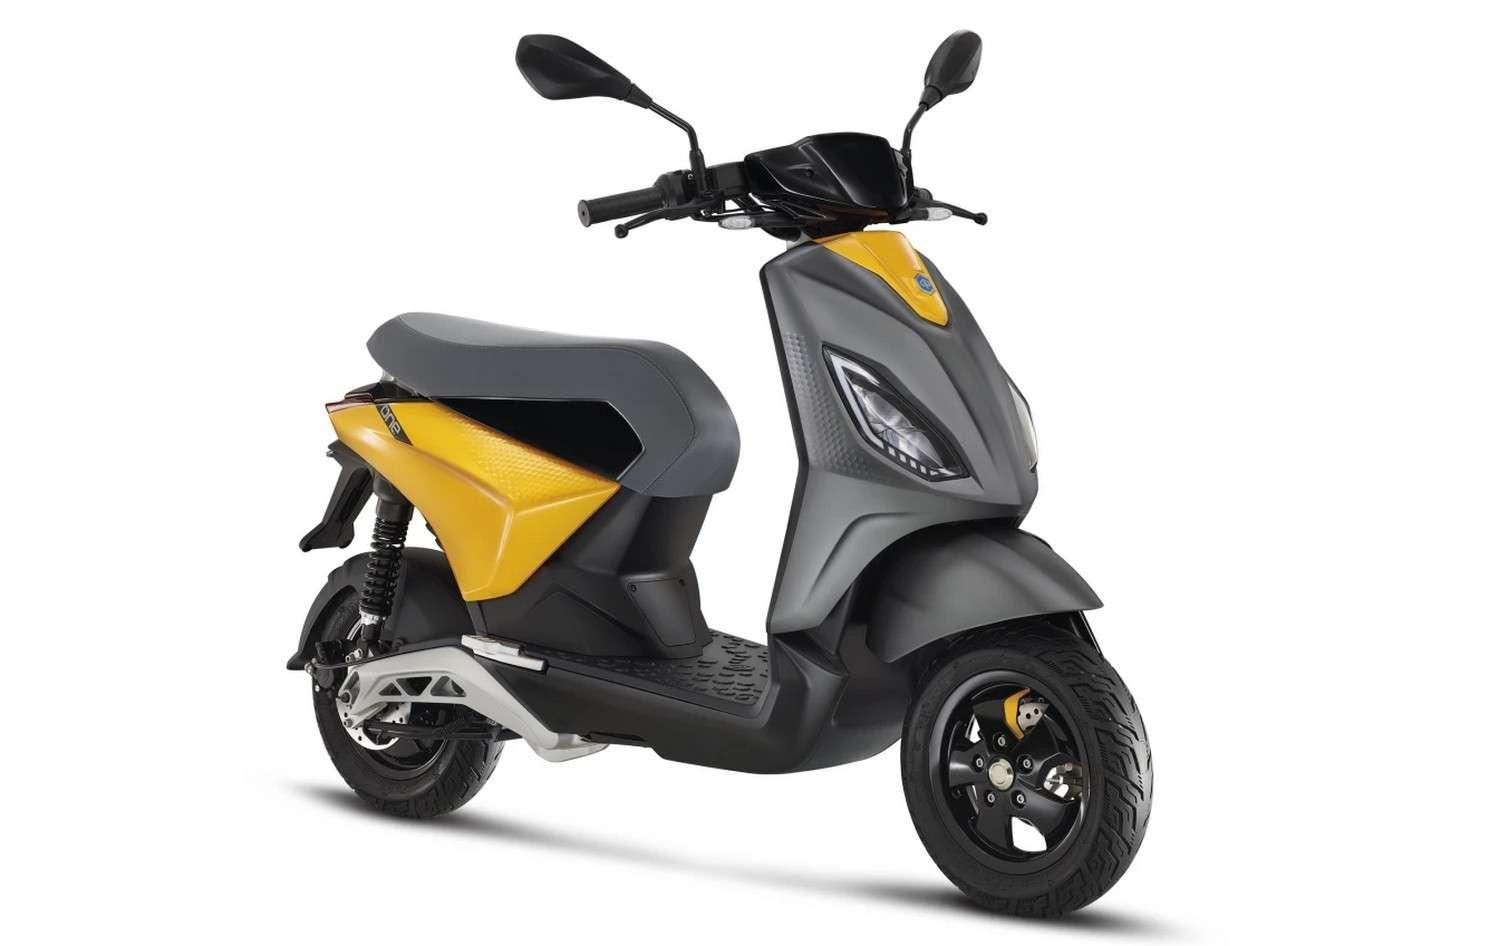 Le scooter électrique Piaggio One fera face à la redoutable concurrence des modèles chinois qui arrivent en masse sur le marché européen. © Piaggio